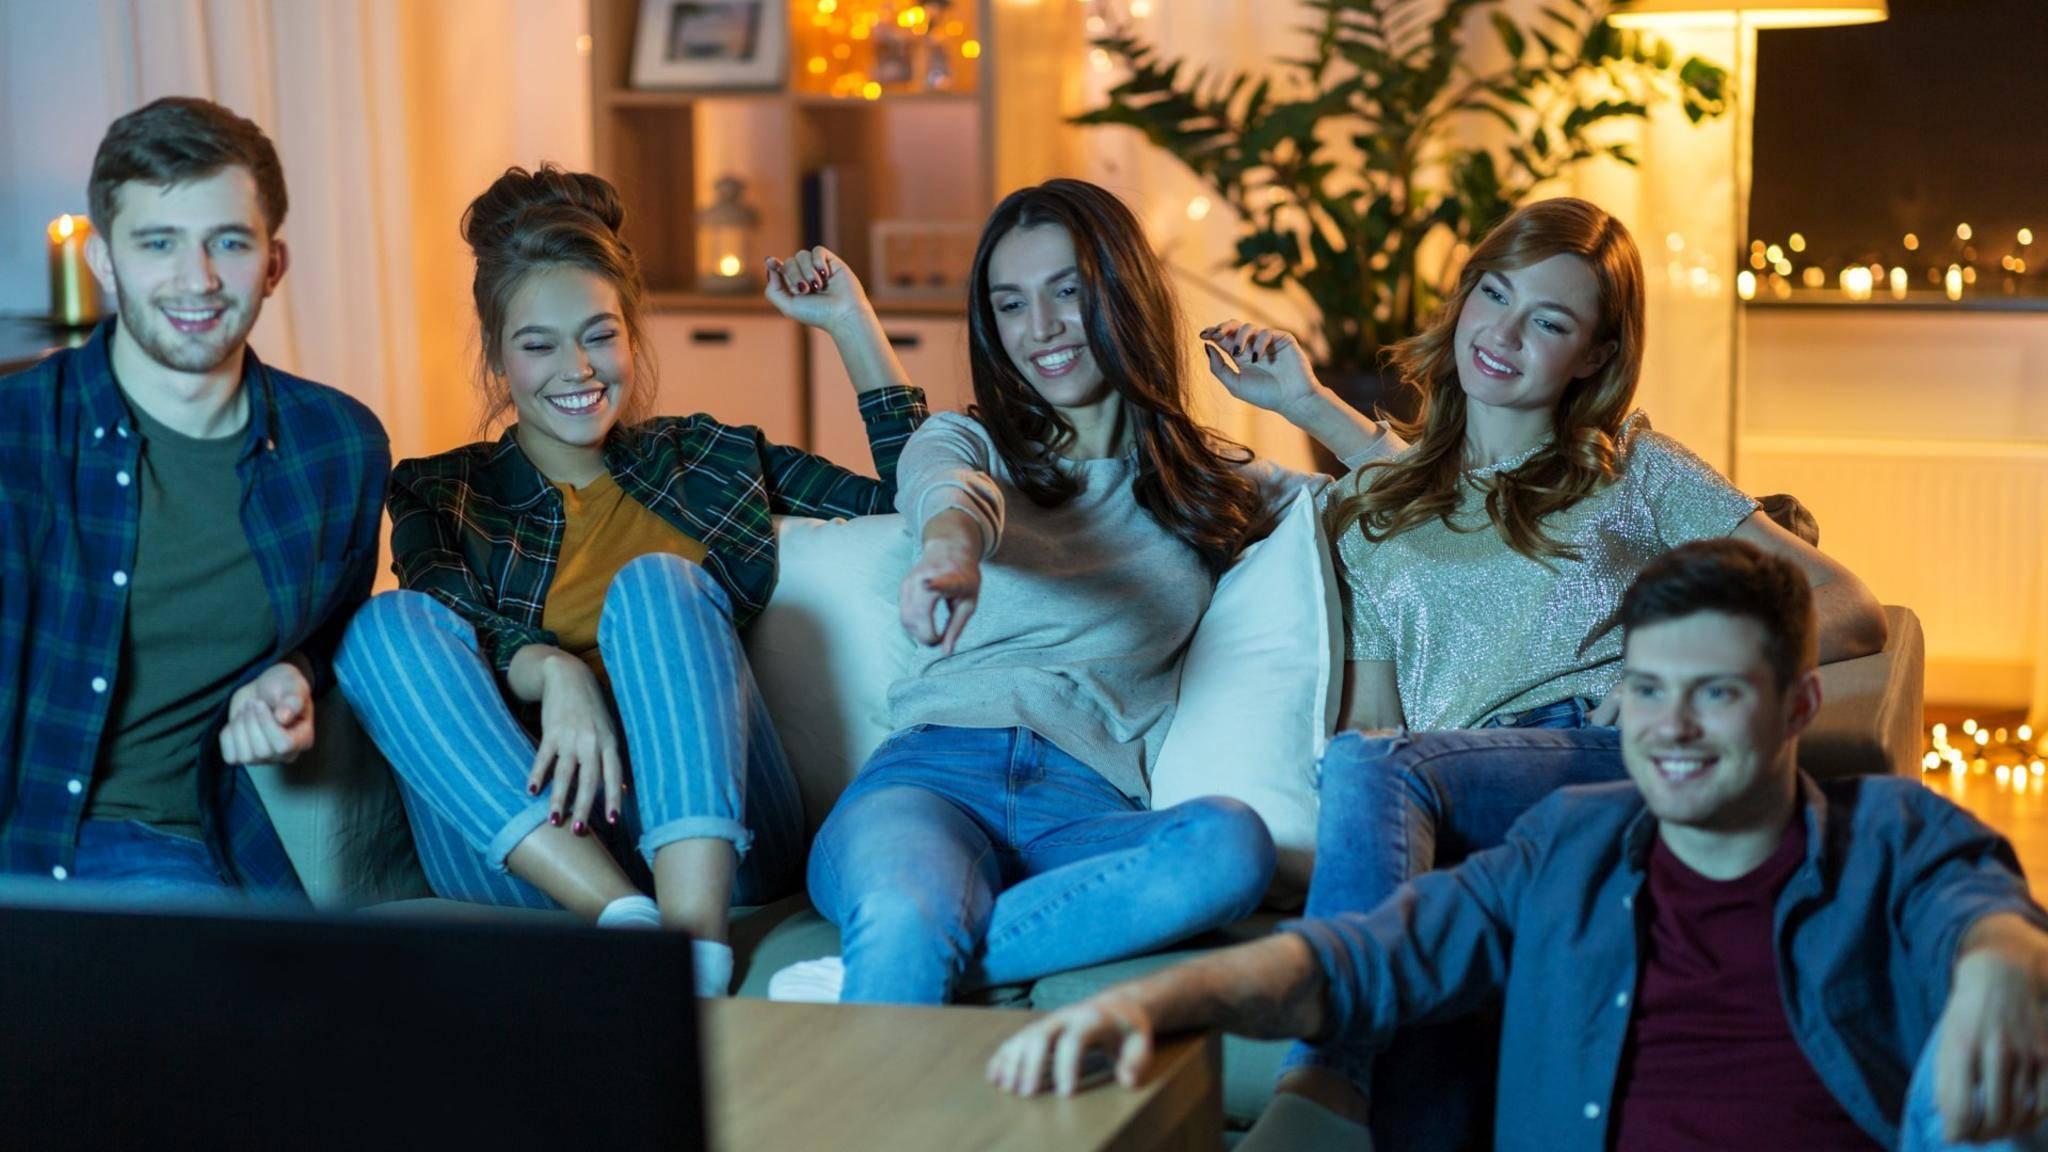 freunde schauen abends tv fernsehen an